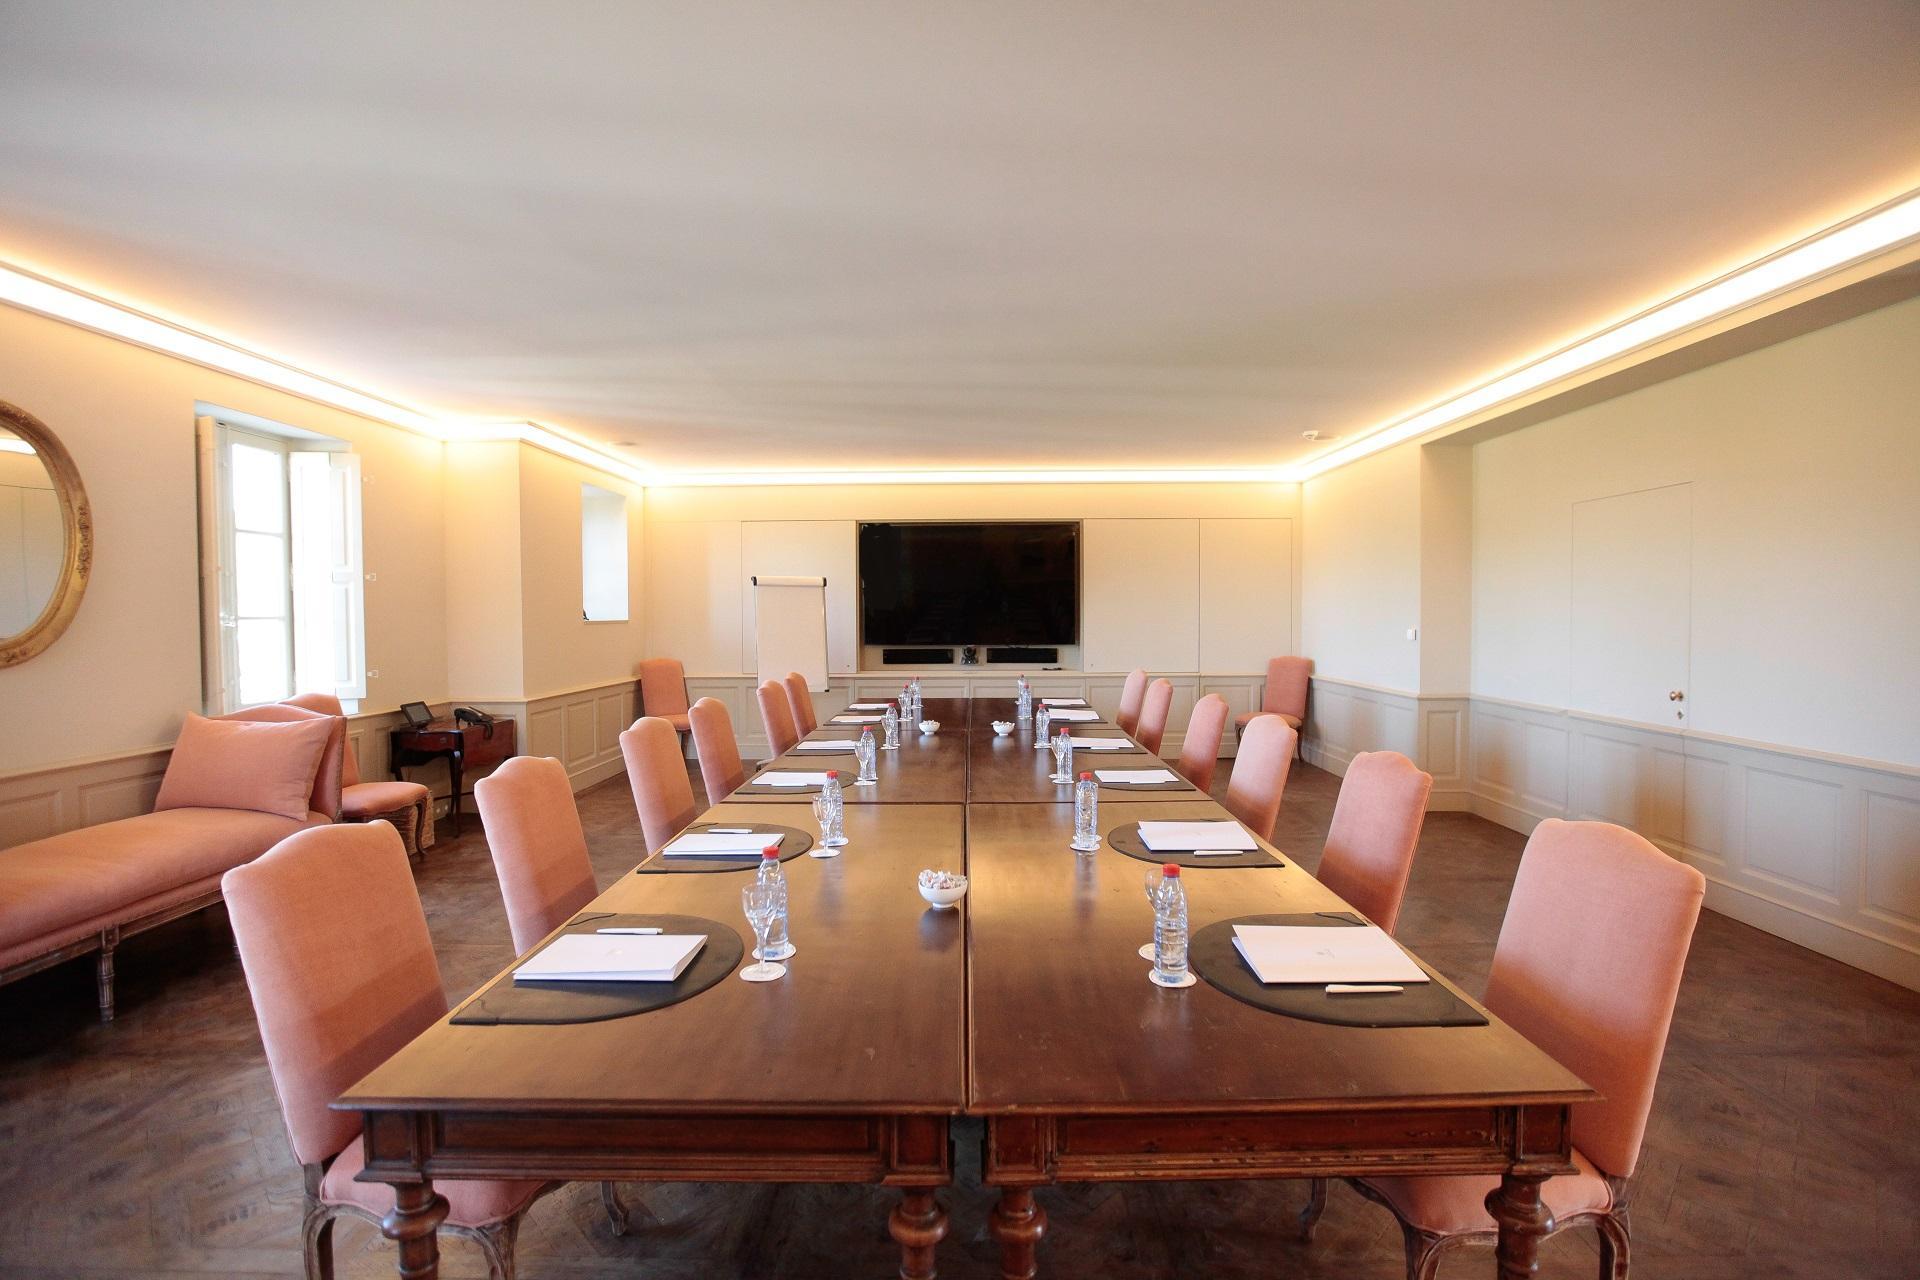 Chateau-de-berne-provence-vignoble-var-domaine-reunions-incentive-seminaires-de-caractere